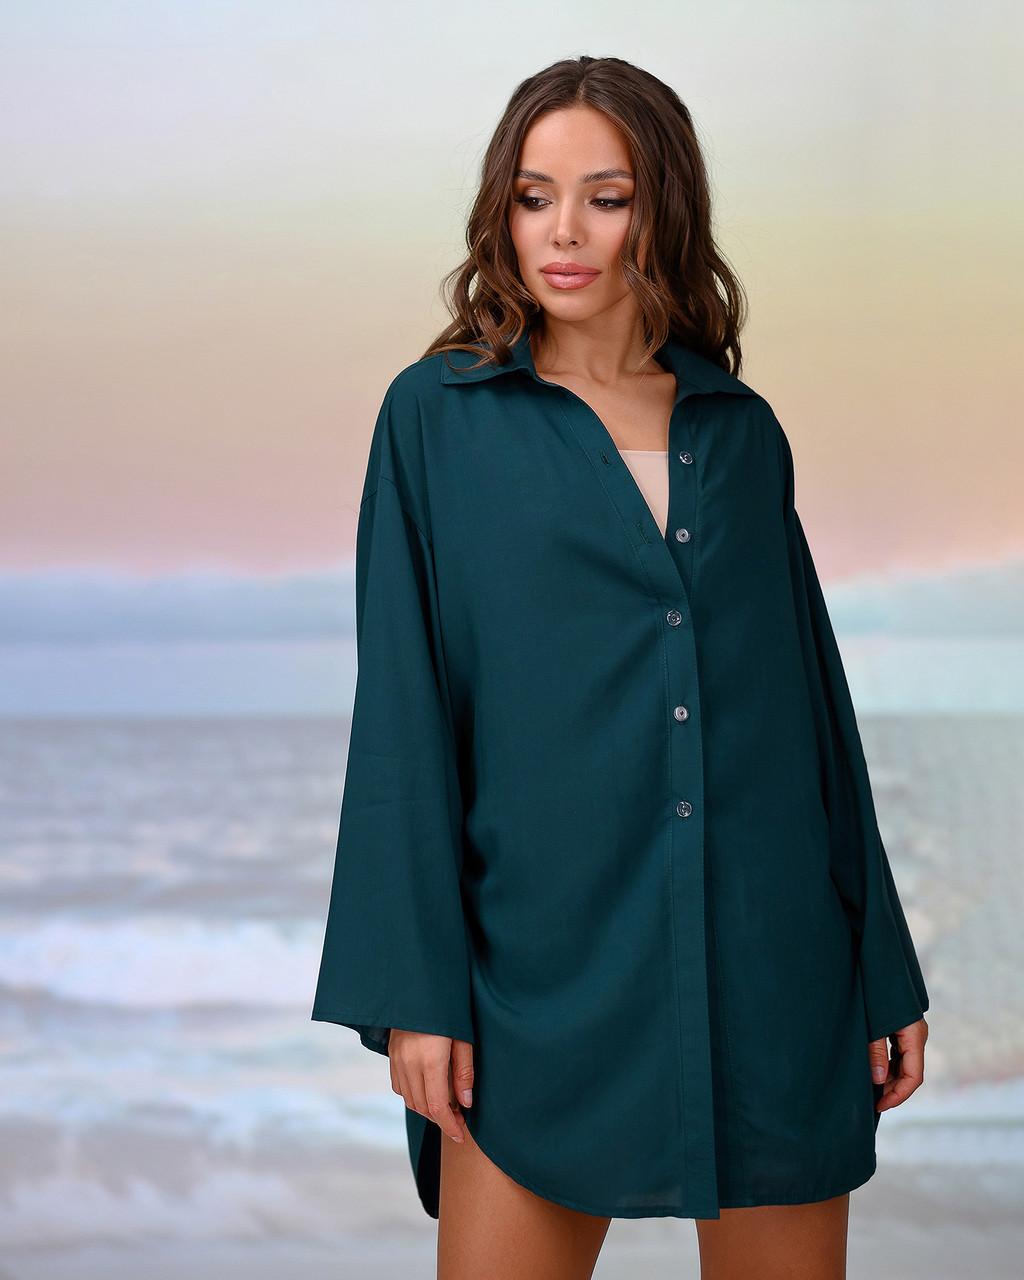 Коротка пляжна туніка-сорочка.Колір смарагд. Розмір 42-44